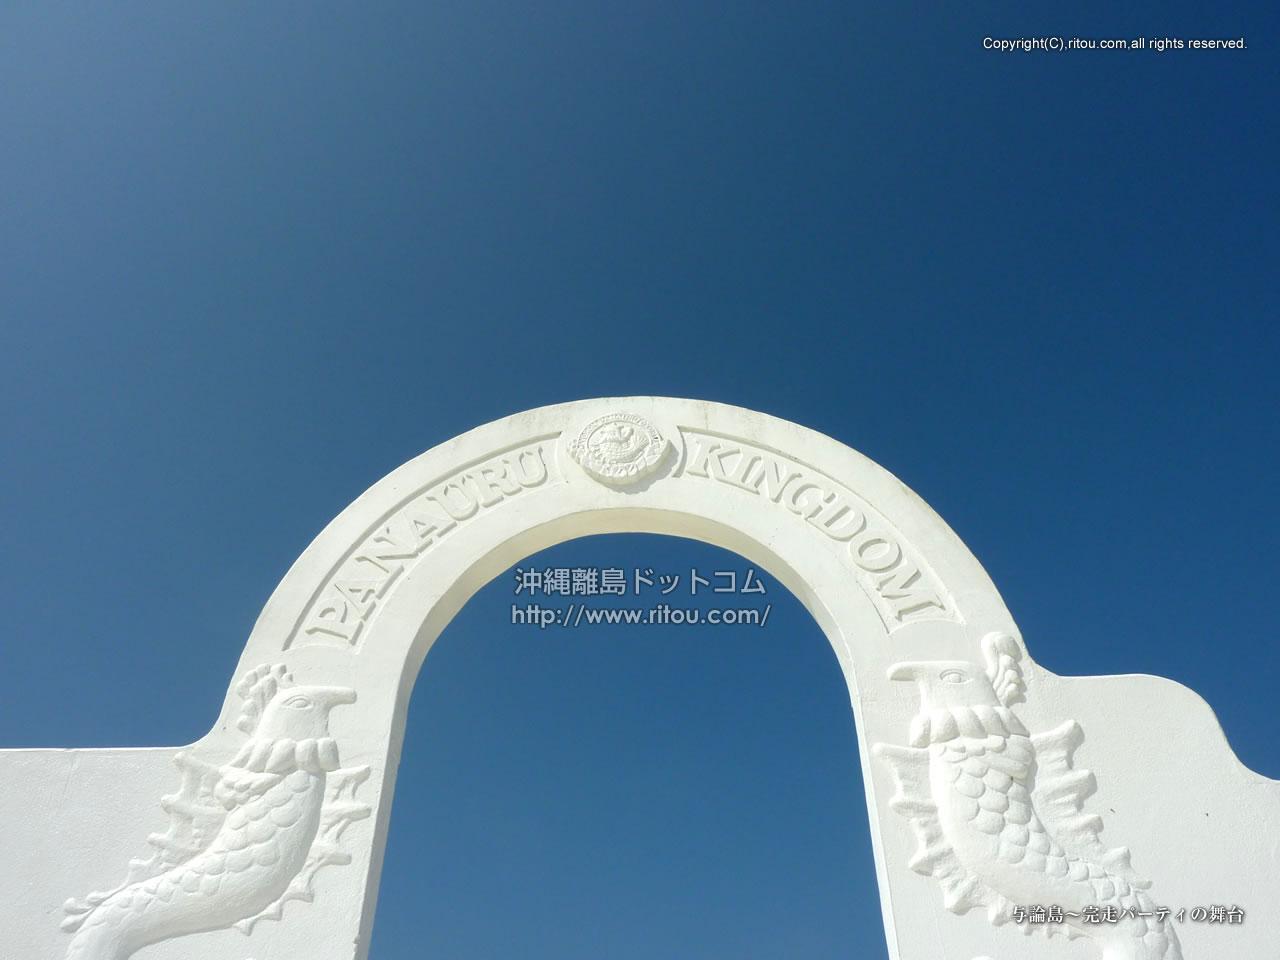 与論島〜完走パーティの舞台